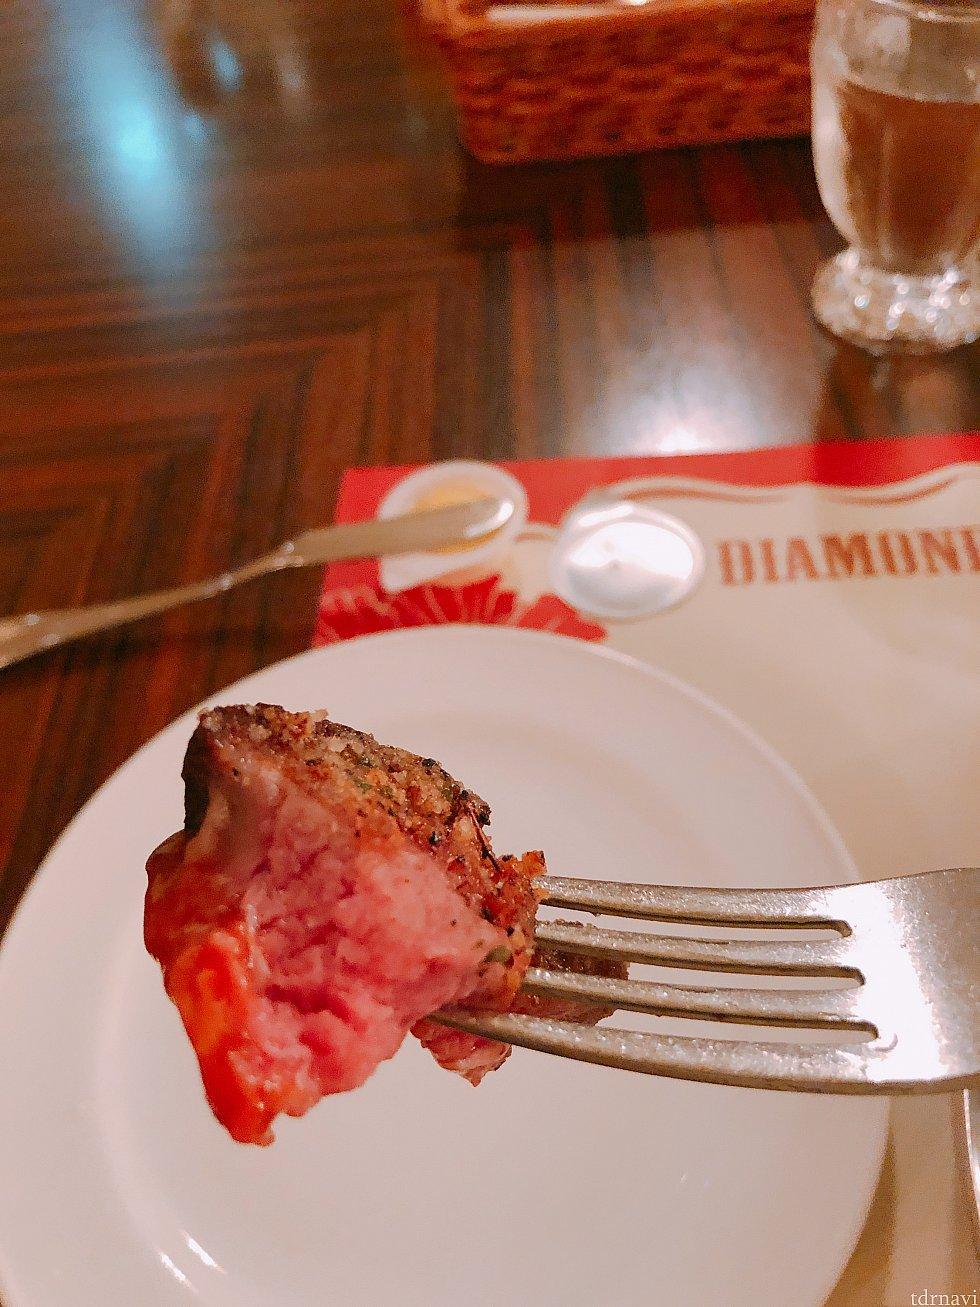 ブラッケンドステーキの焼き加減は聞かれませんでしたがこんな感じです。ローストビーフと同じくらいかな。